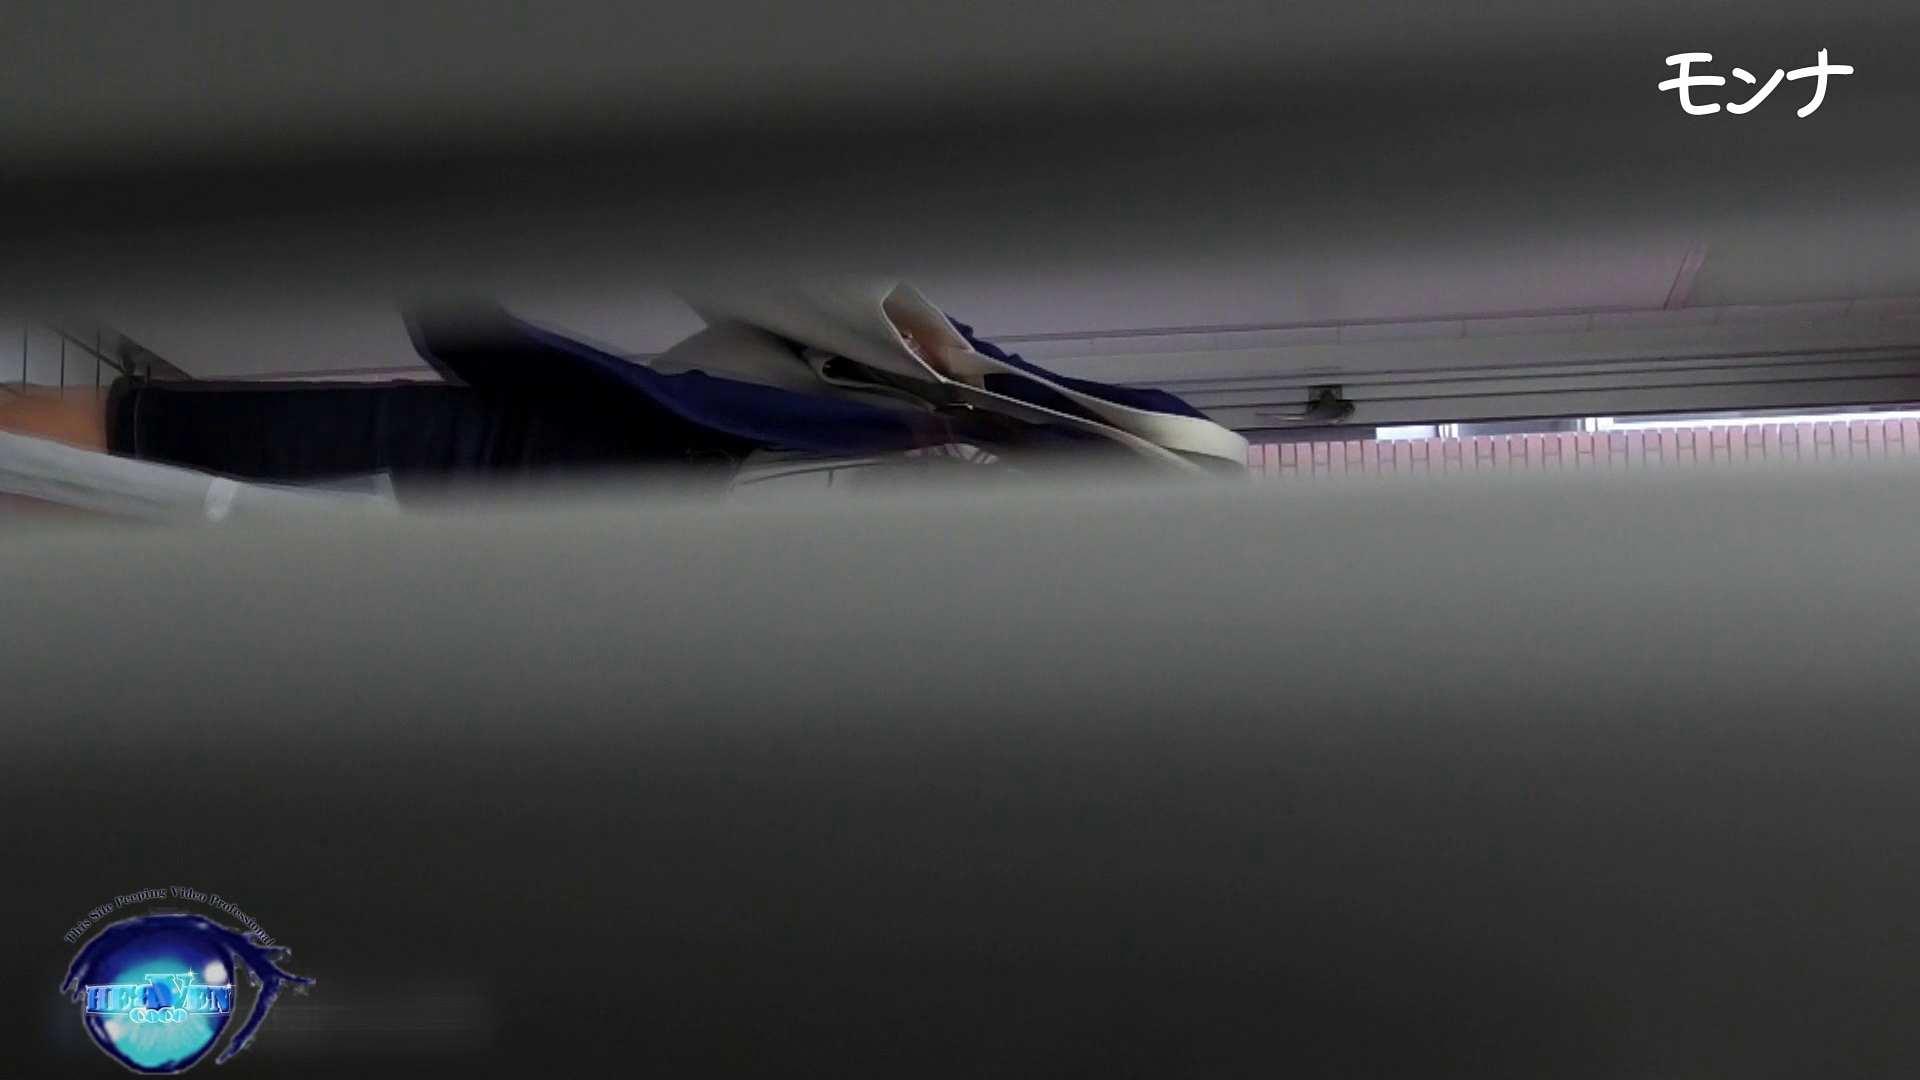 無修正エロ動画:【美しい日本の未来】美しい日本の未来 No.79ロケ地変更、新アングル:のぞき本舗 中村屋